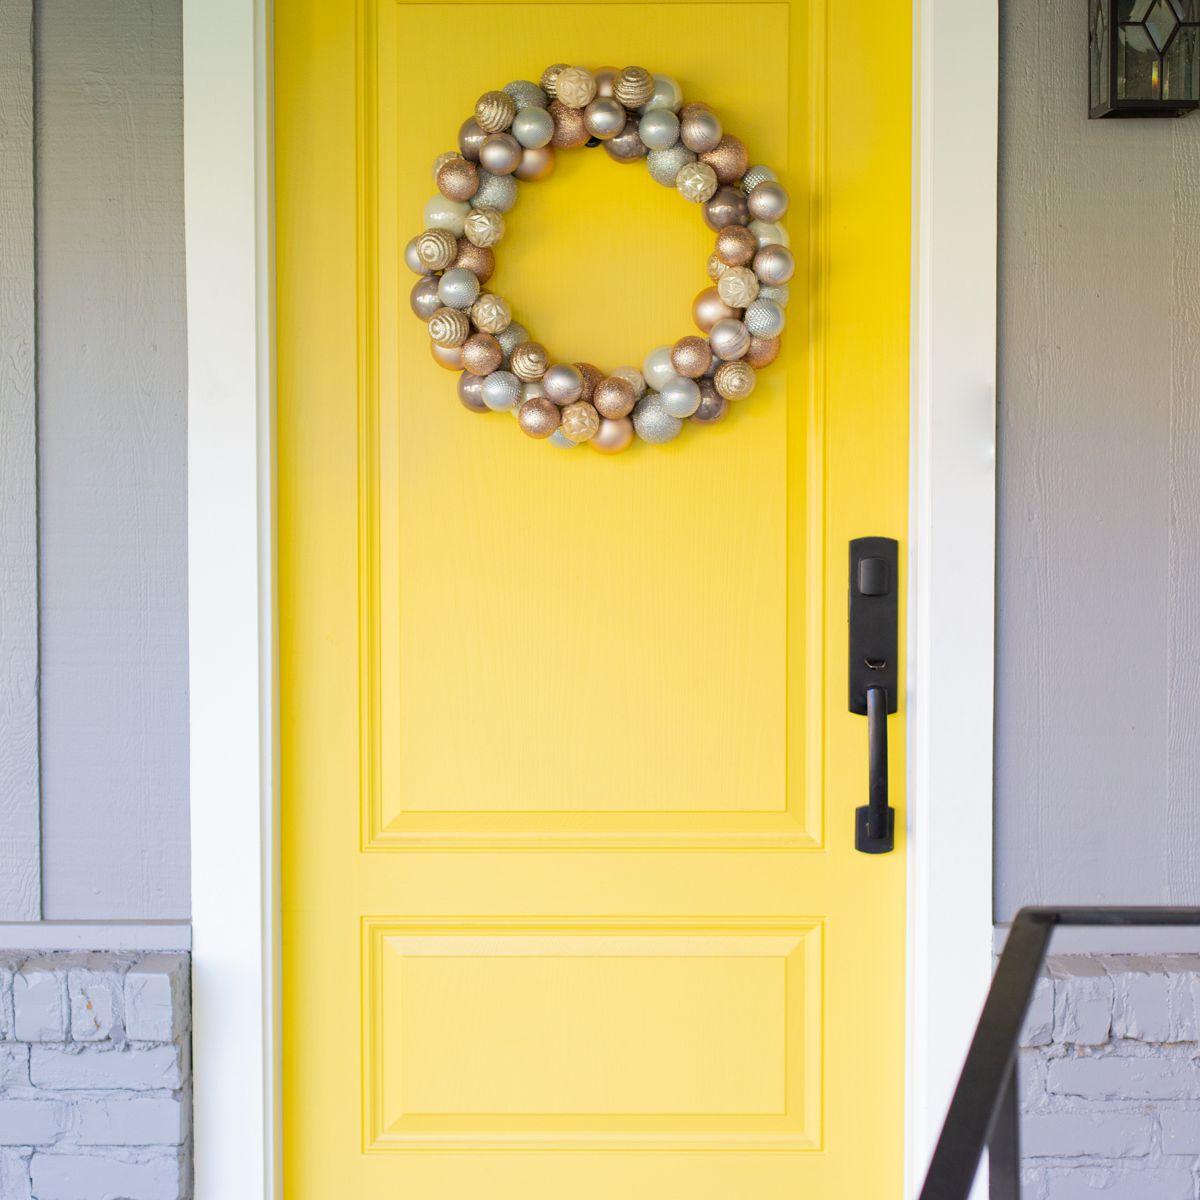 Ornament wreath on door